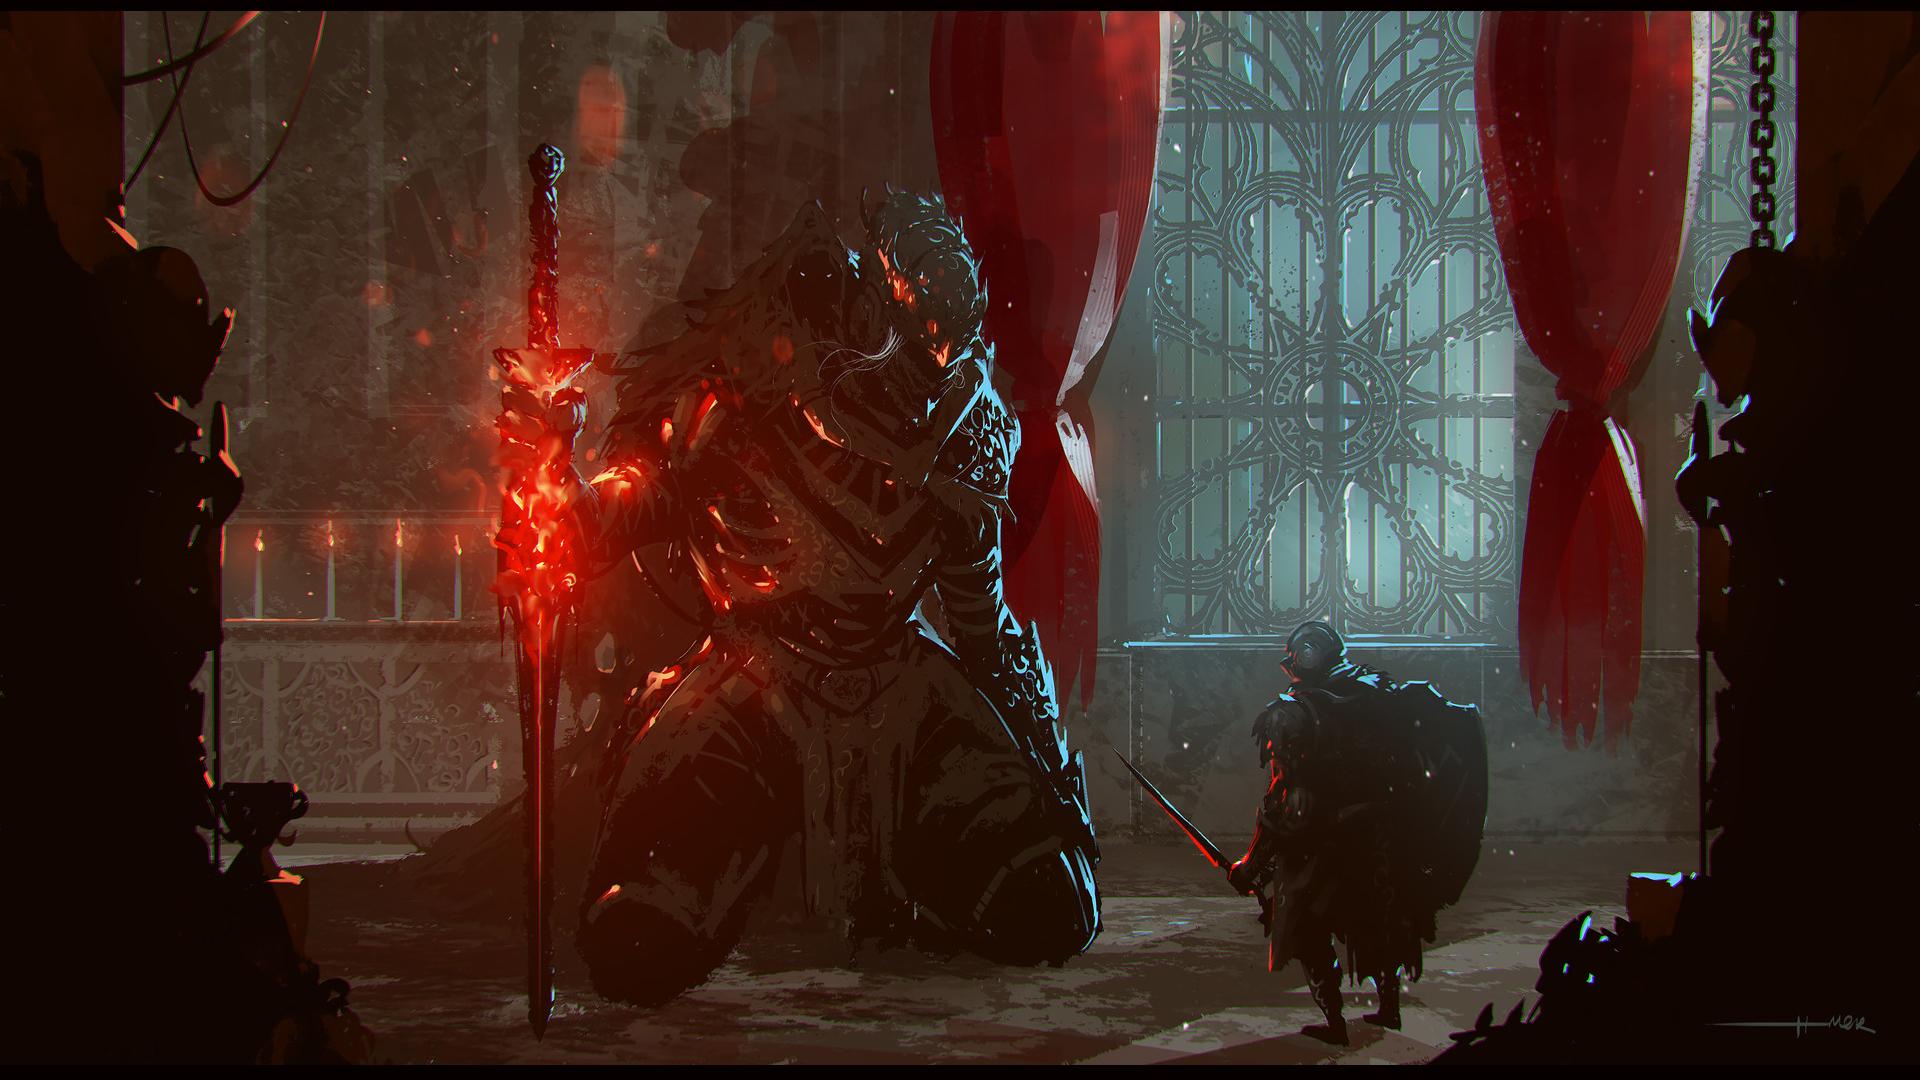 Dark Souls 3 Hd Wallpaper: Dark Souls III Wallpapers, Pictures, Images